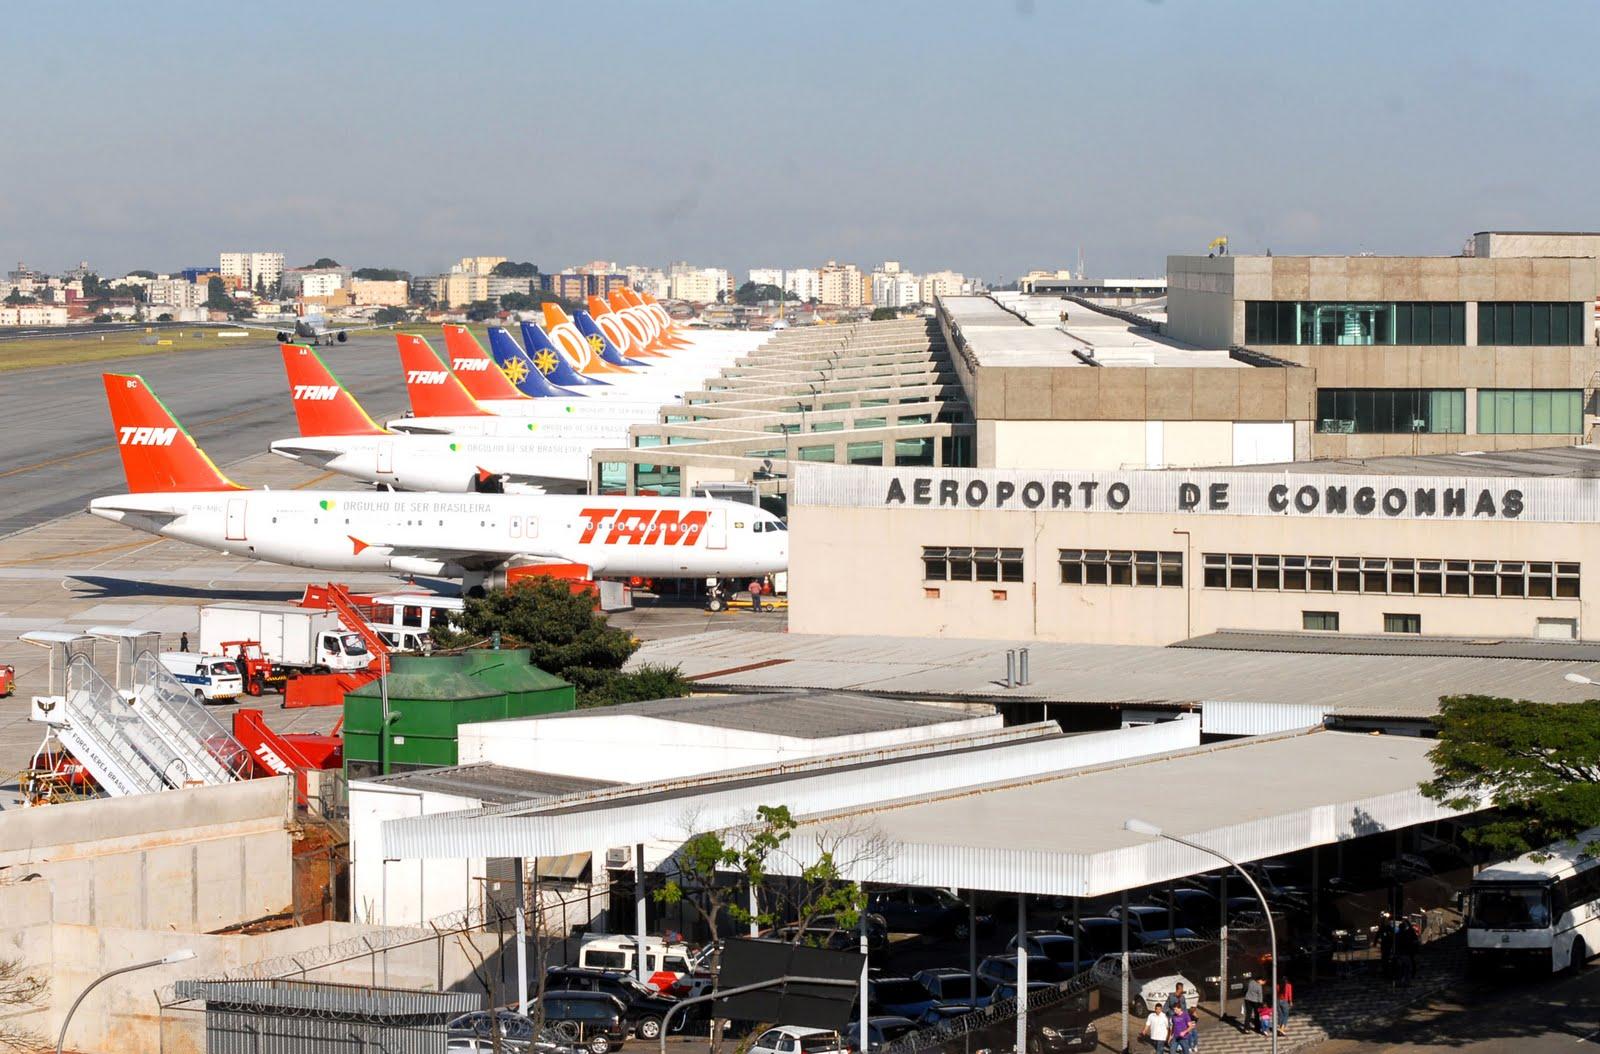 Com obras atrasadas e insuficientes, aeroportos são o maior gargalo estrutural a mil dias da Copa